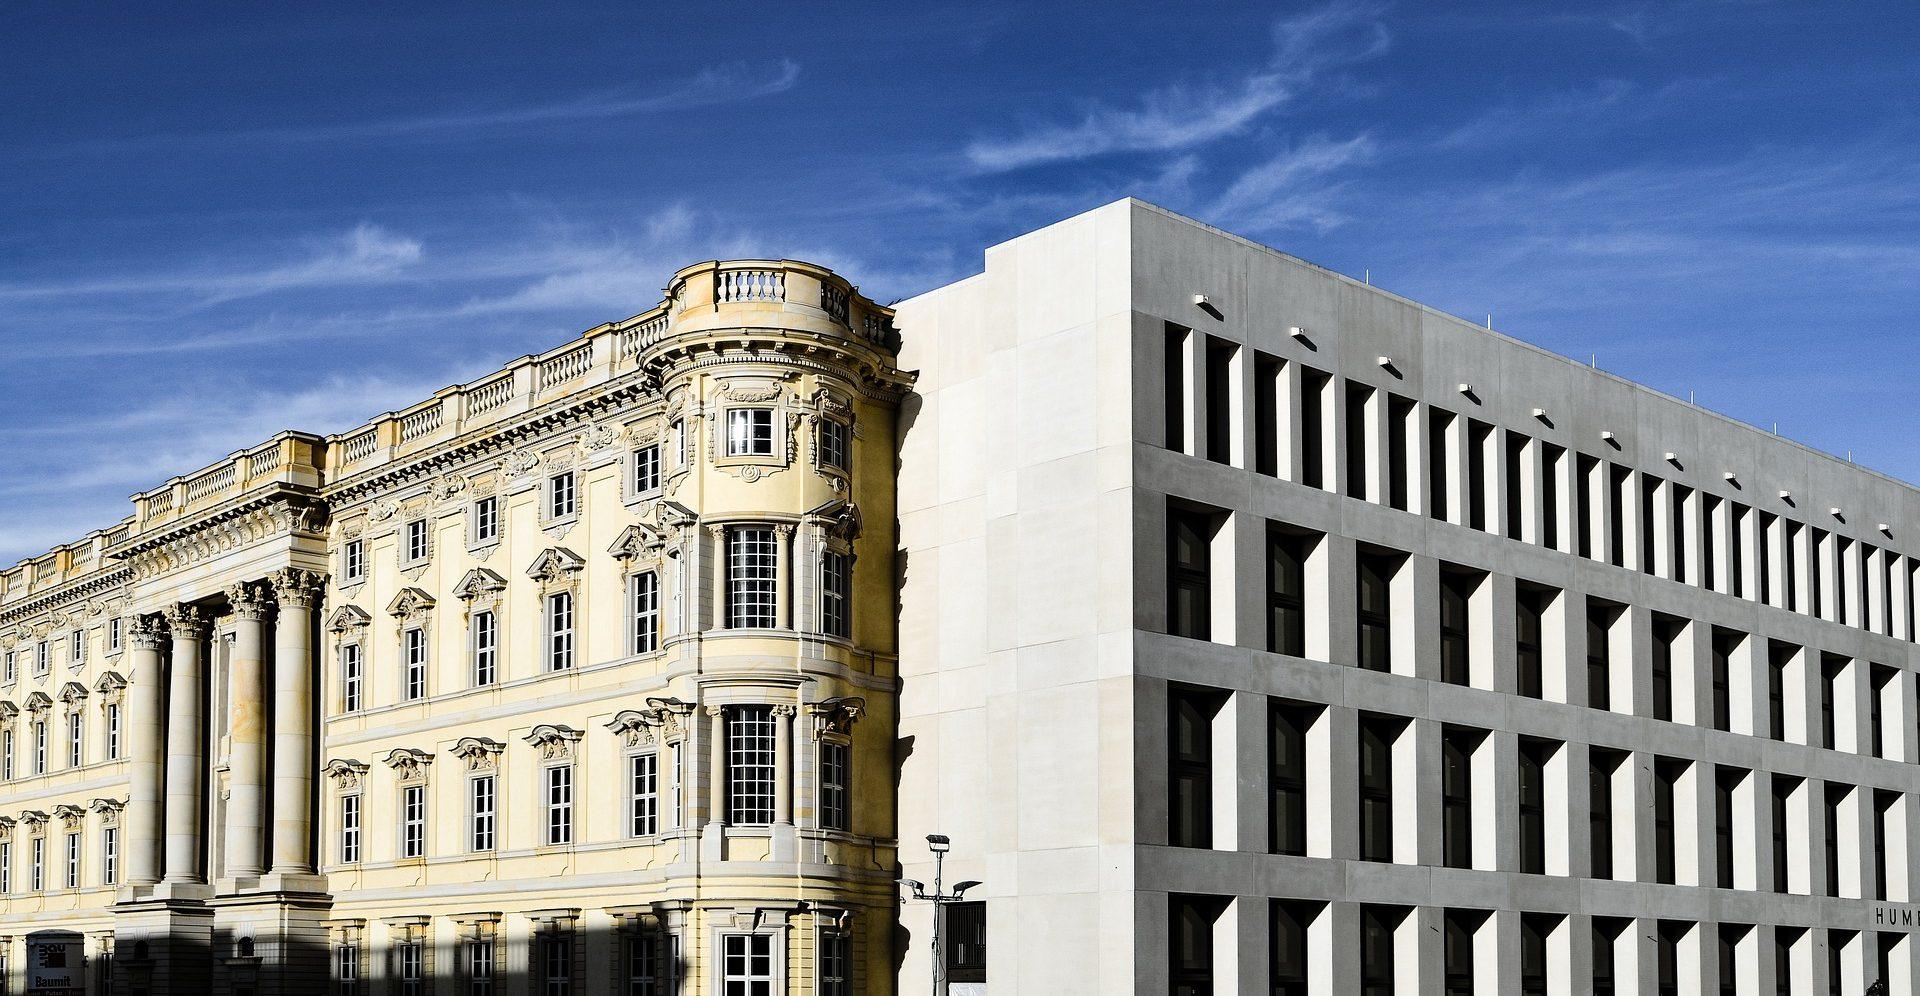 Humboldtforum in Berlin – Highlights 2021